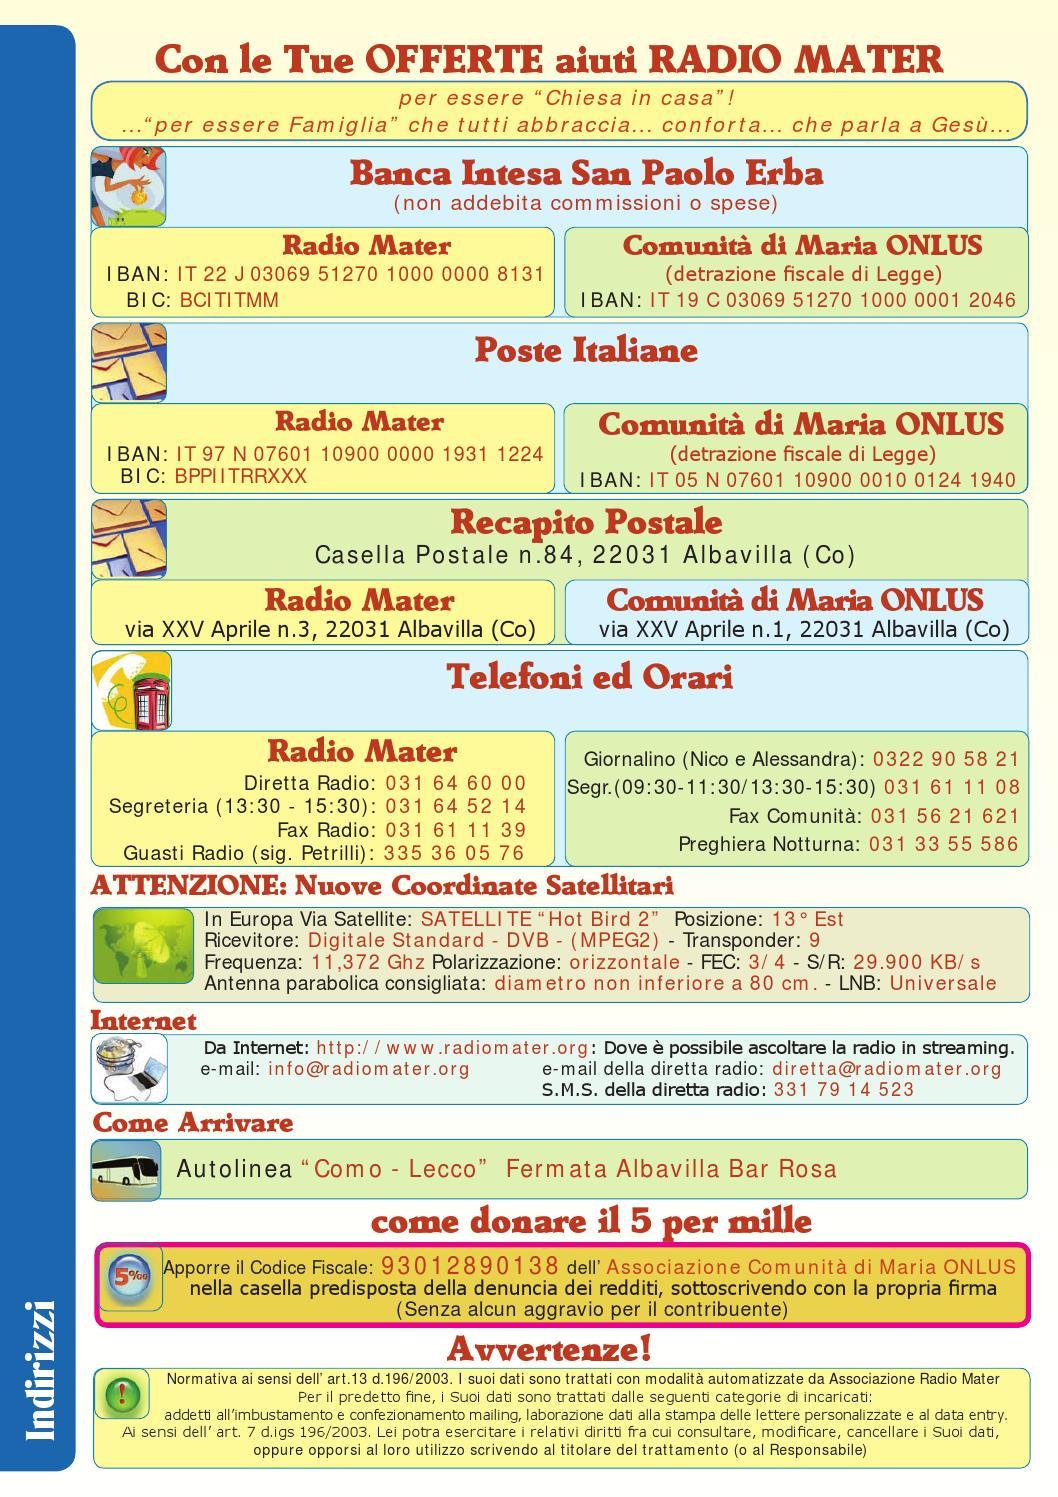 Giornalino n 62 eccoci mamma by radio mater page 16 for Recapito postale